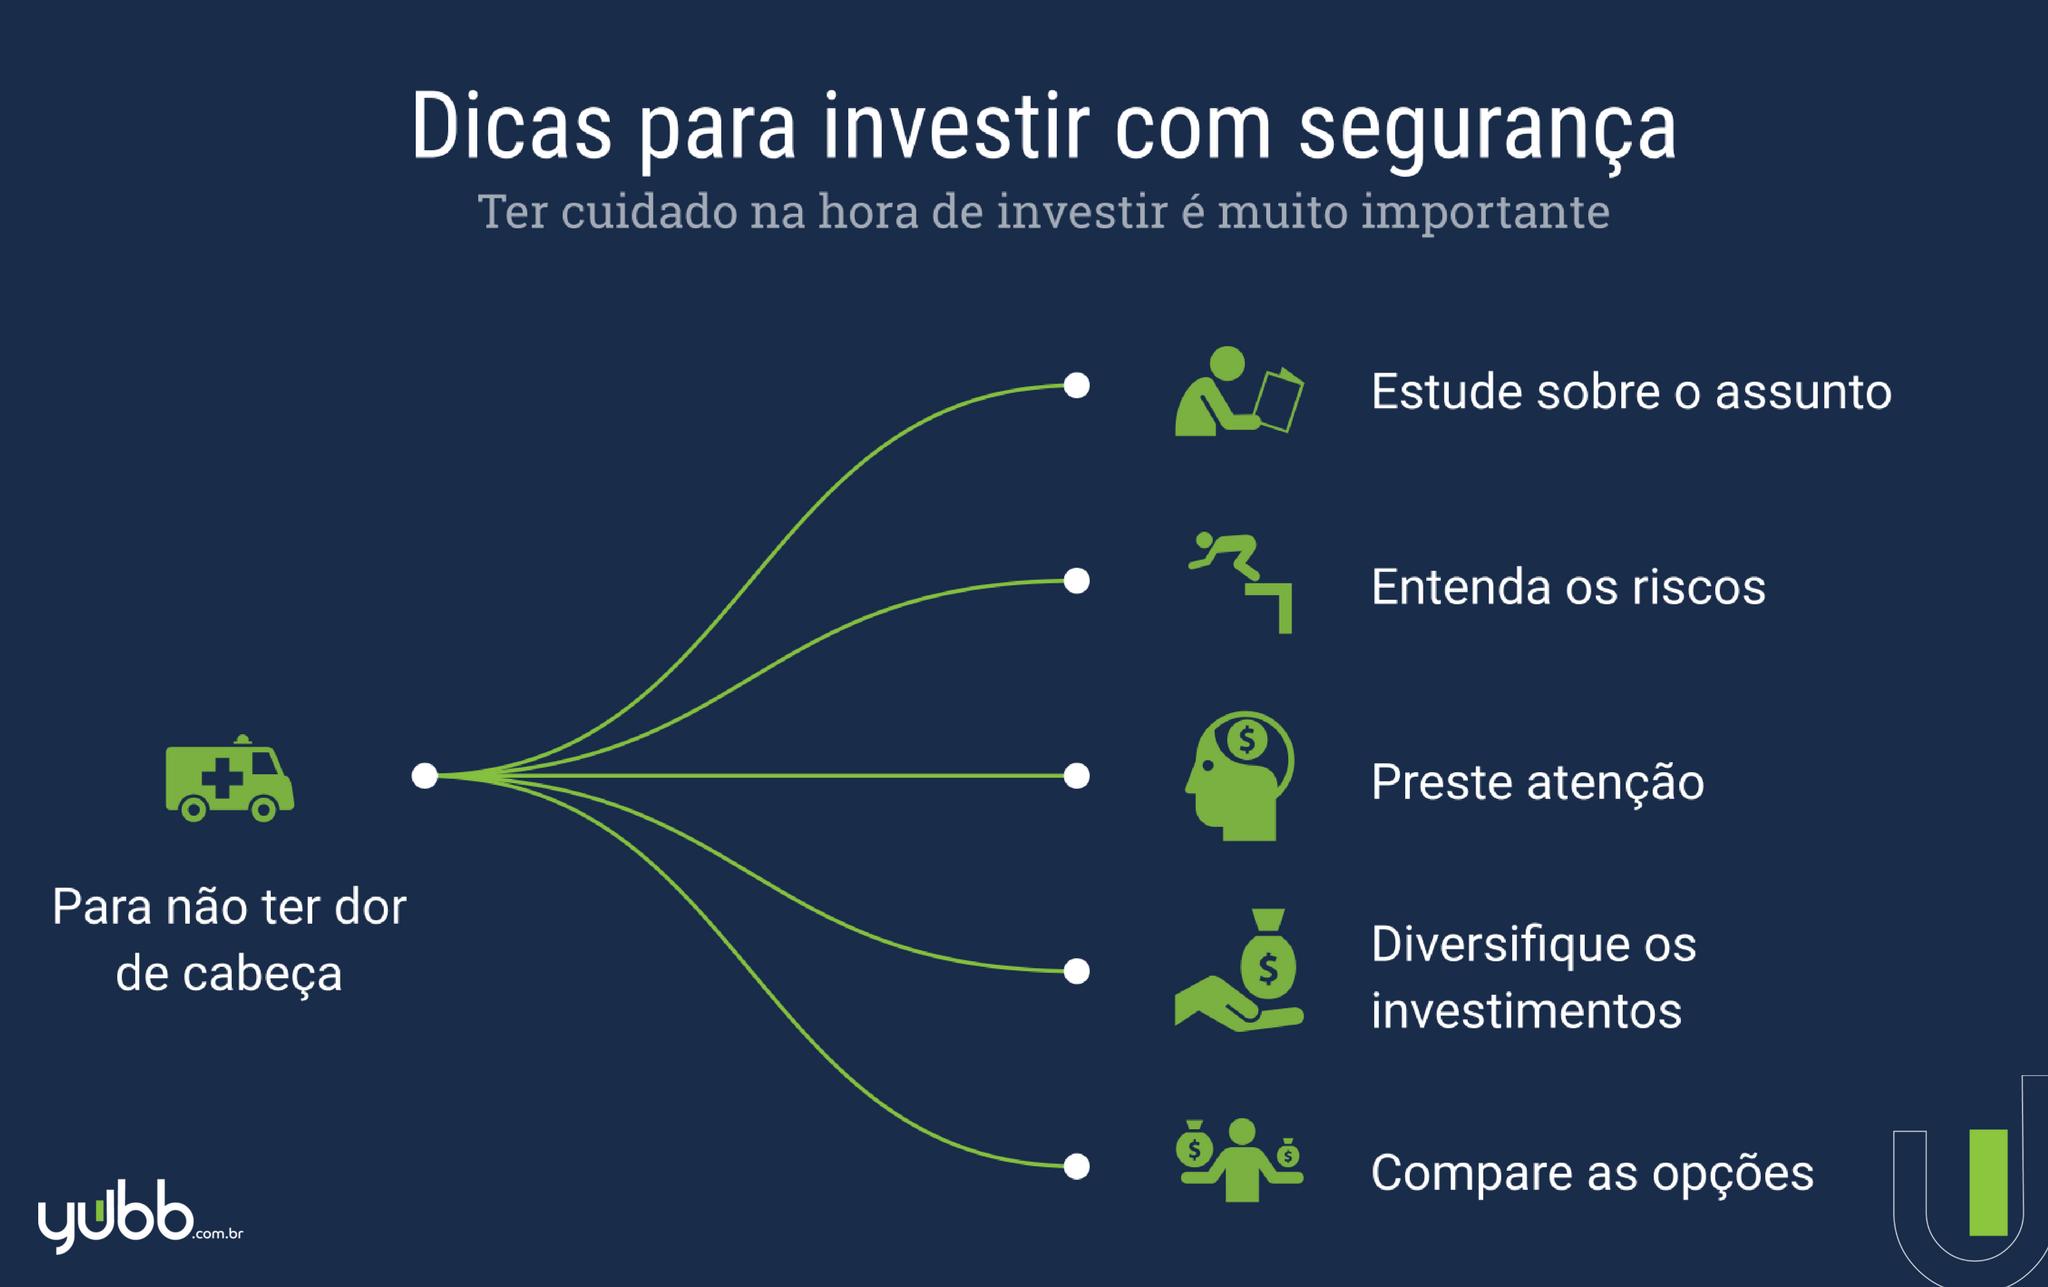 Dicas de segurança para investir